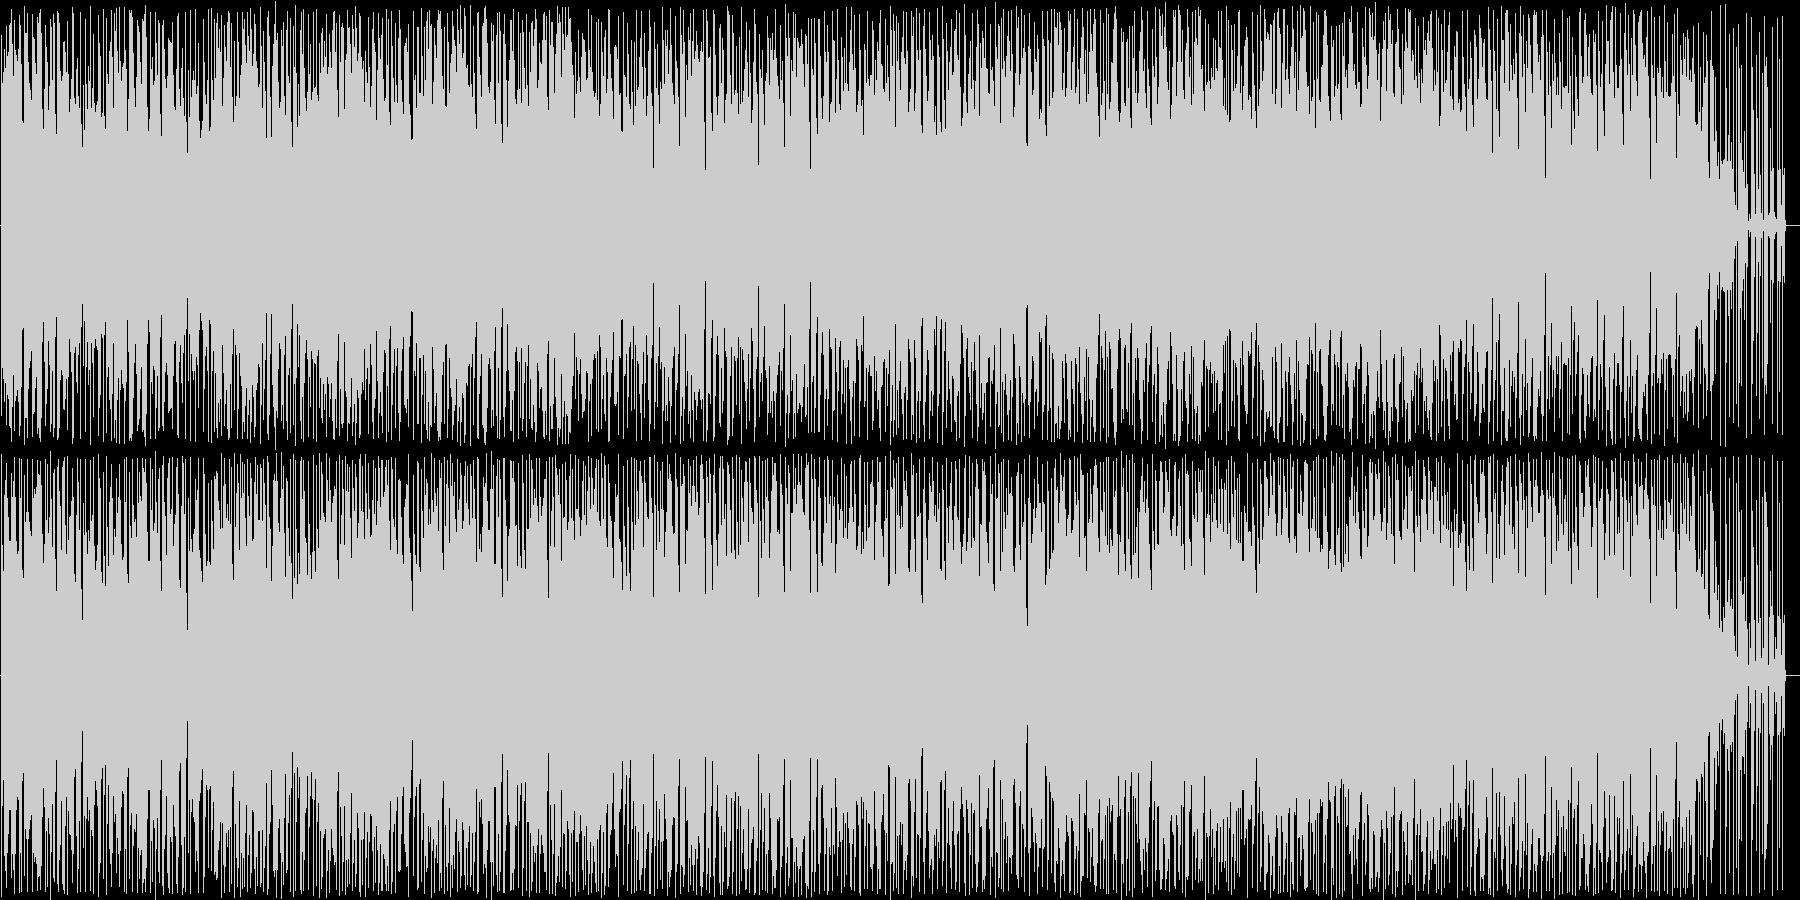 軽やかなピアノのポップス曲の未再生の波形